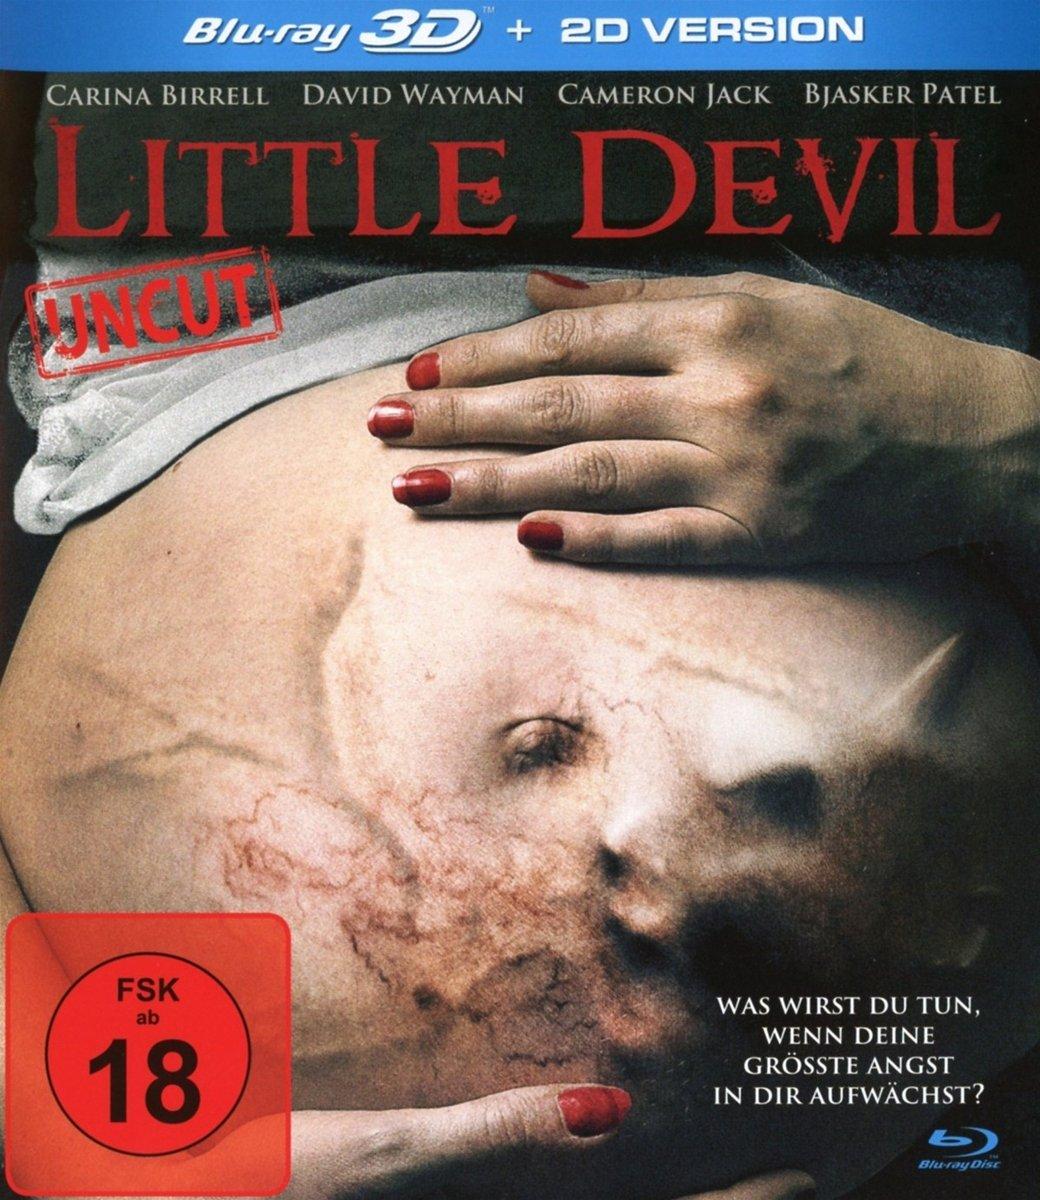 Little.Devil.3D.2014.German.DL.1080p.BluRay.x264-LizardSquad